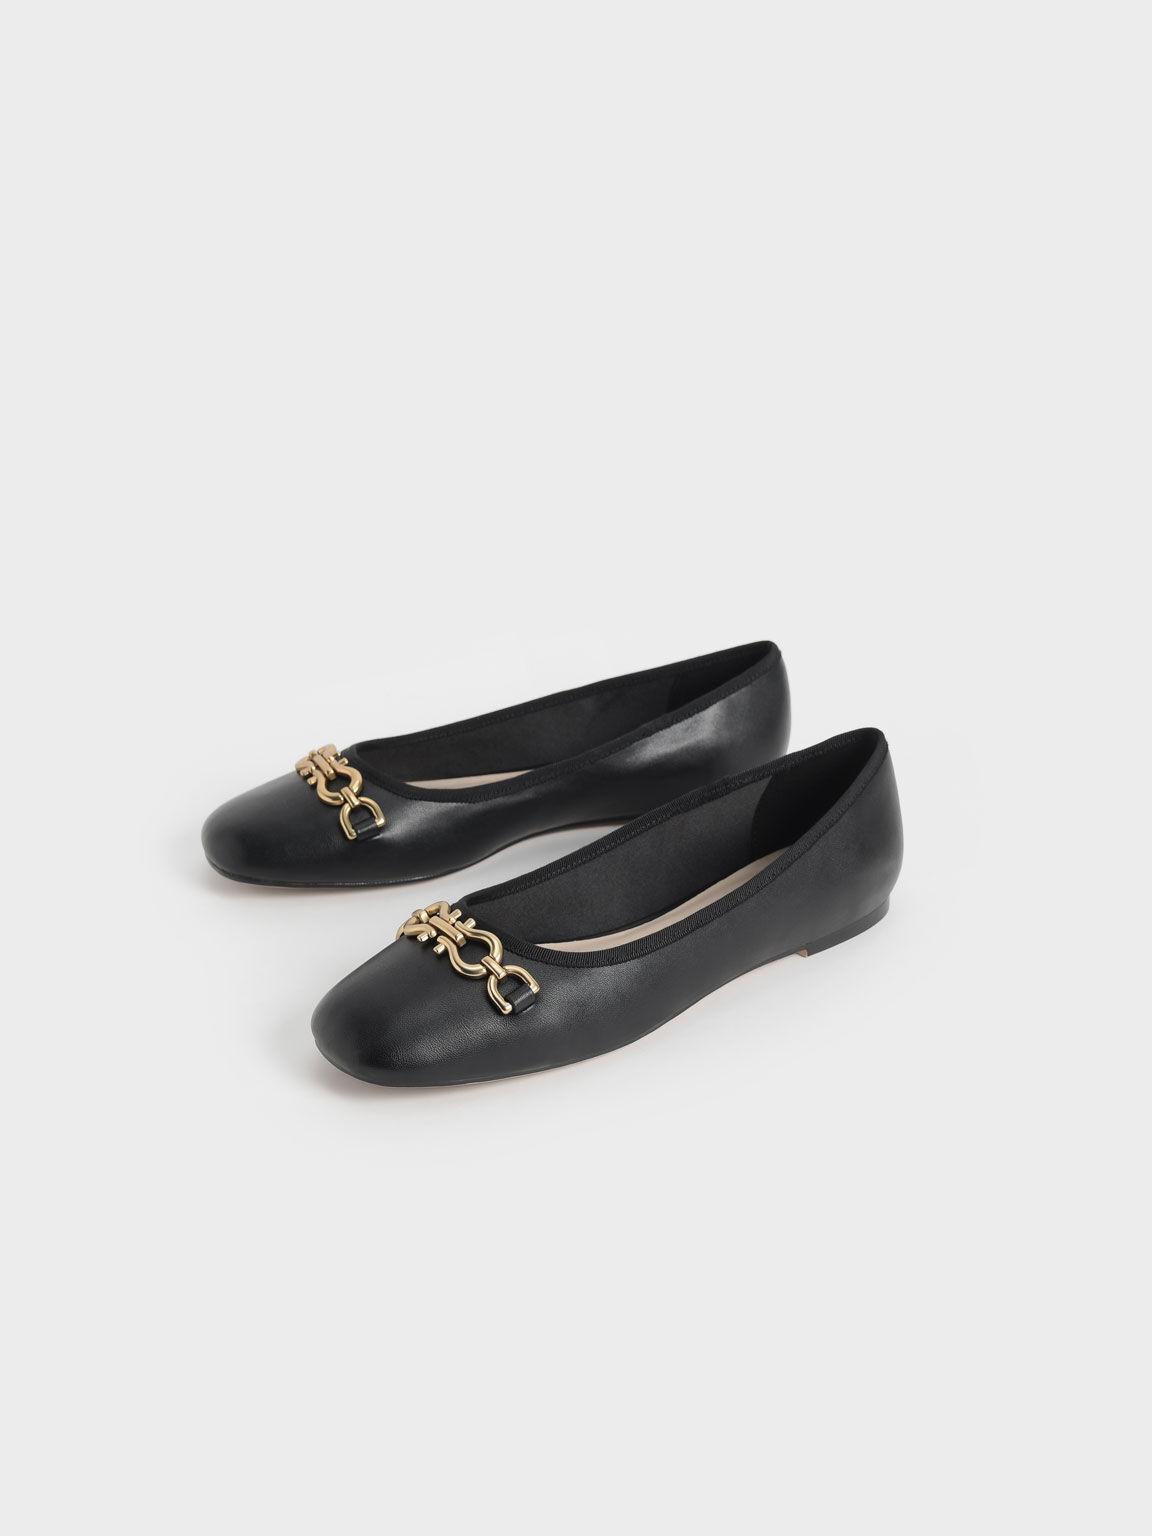 Chain Link Ballerina Flats, Black, hi-res